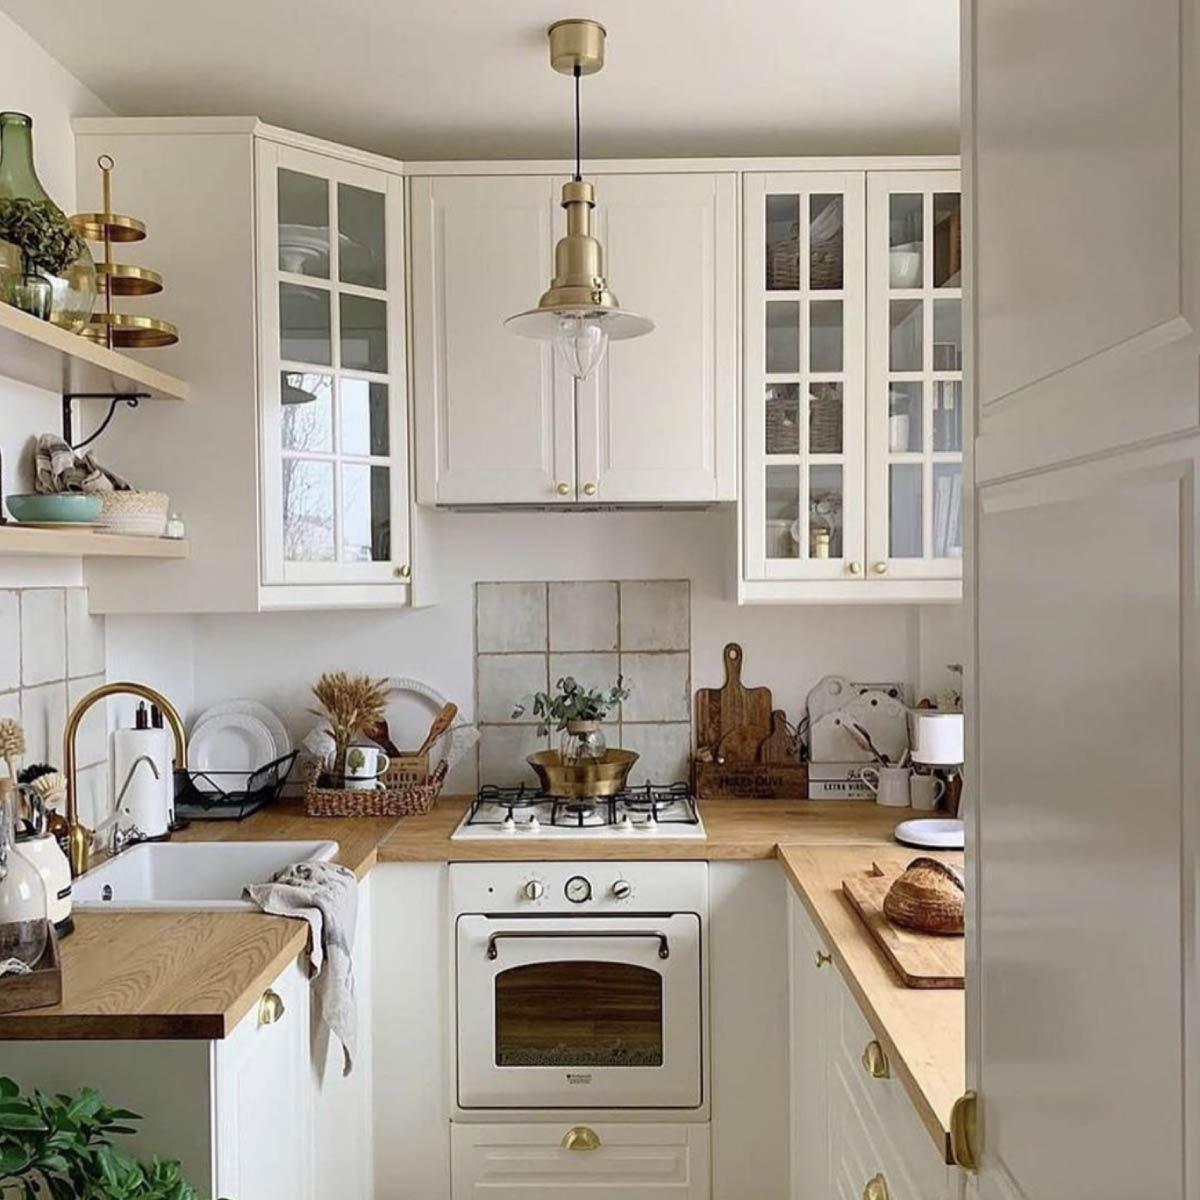 Интерьер кухни. Пример дизайна